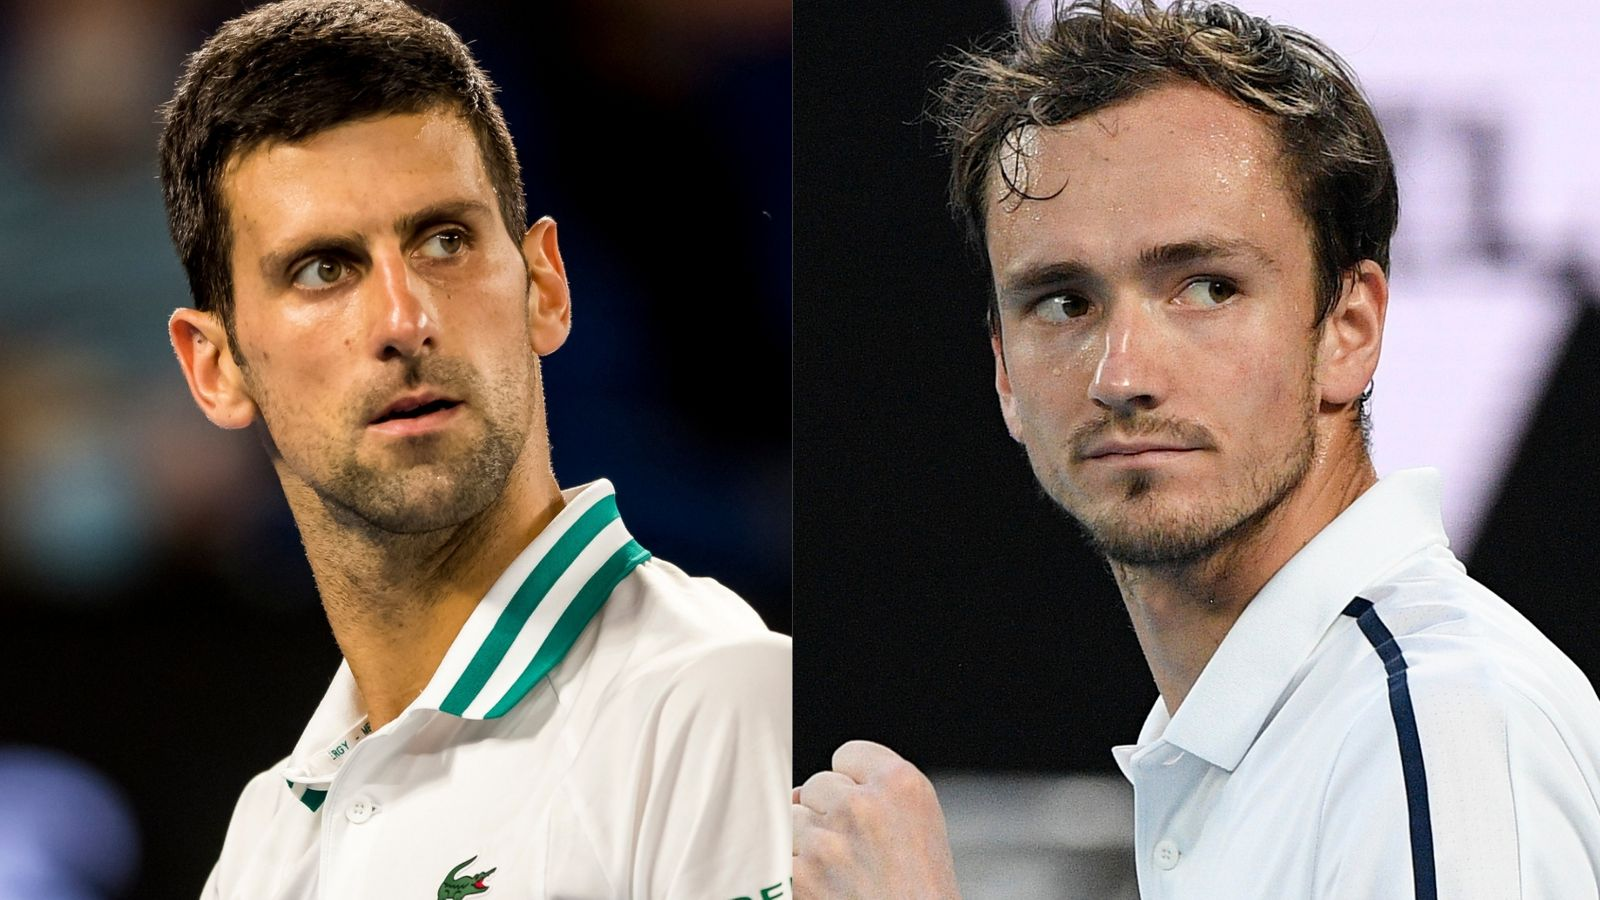 Djokovic vs Medvedev: Pressure on